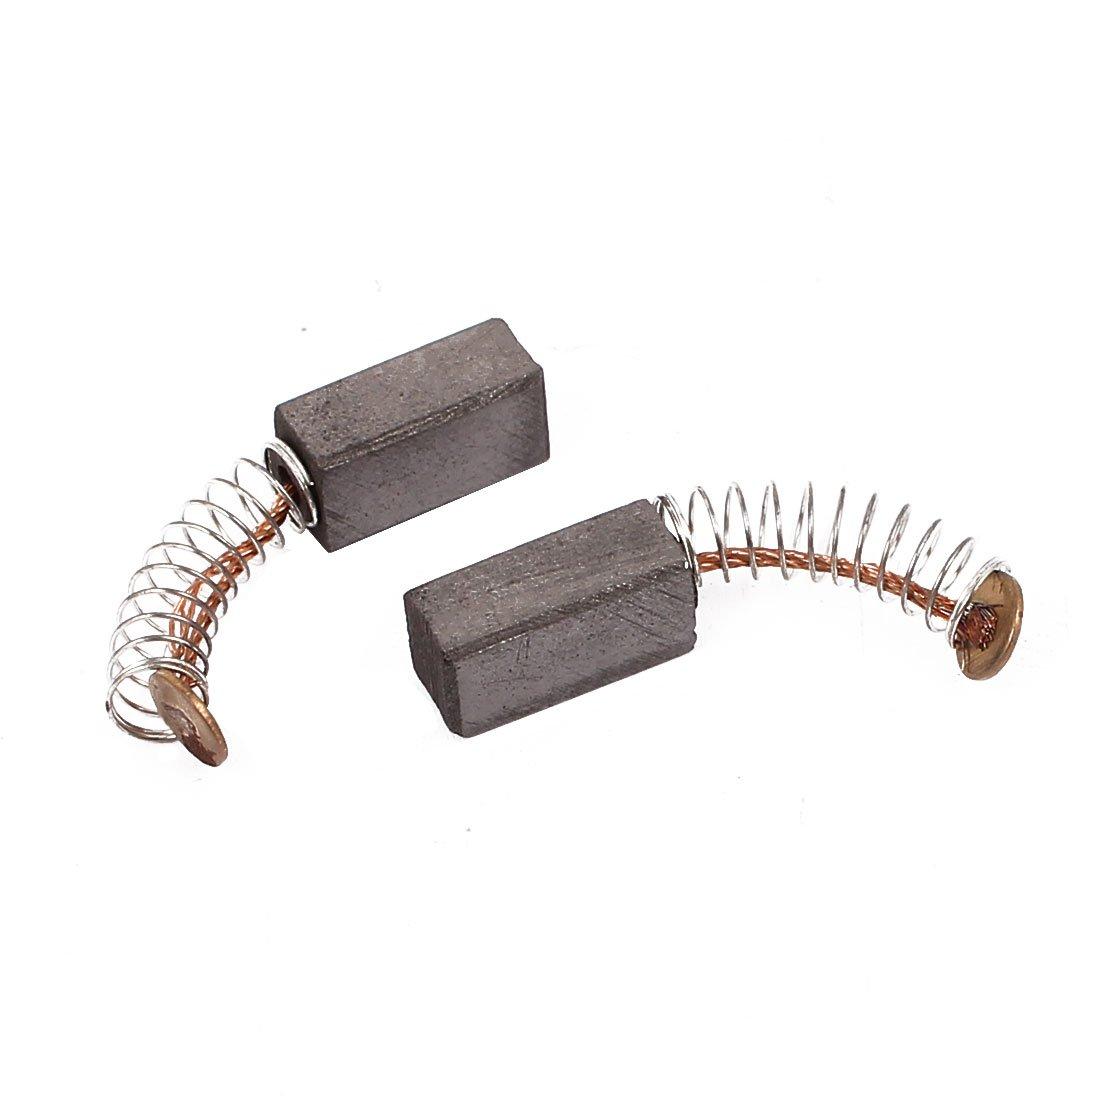 Aexit 10 Accessoires pour ponceuses paires 12x6x5mm brosses /à charbon Outil /électrique pour moteur /à Pi/èces de rechange percussion /électrique